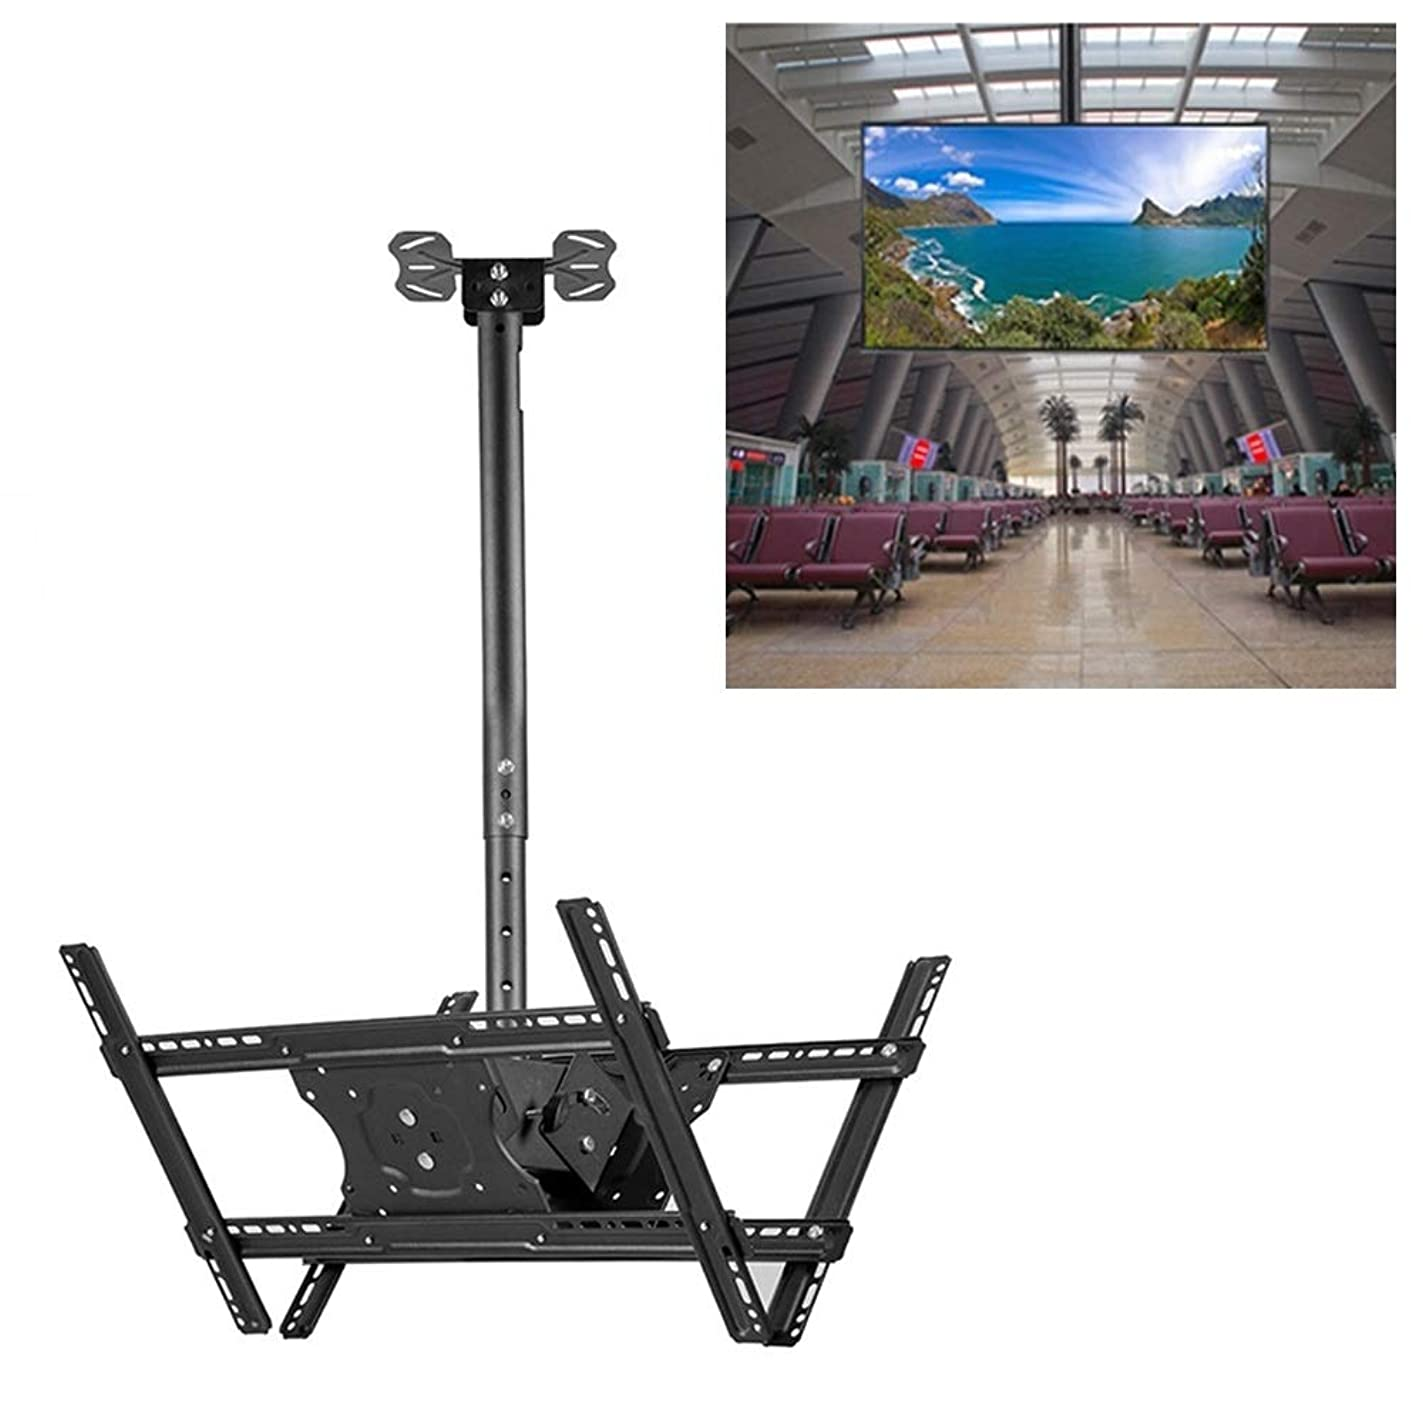 ギャラントリーバルーン町YWHテレビアジャスタブルブラケット 3265インチユニバーサル高さ&角度調節可能な両面テレビWallmounted天井Dualuseブラケット、リトラクタブル範囲:0.52メートル